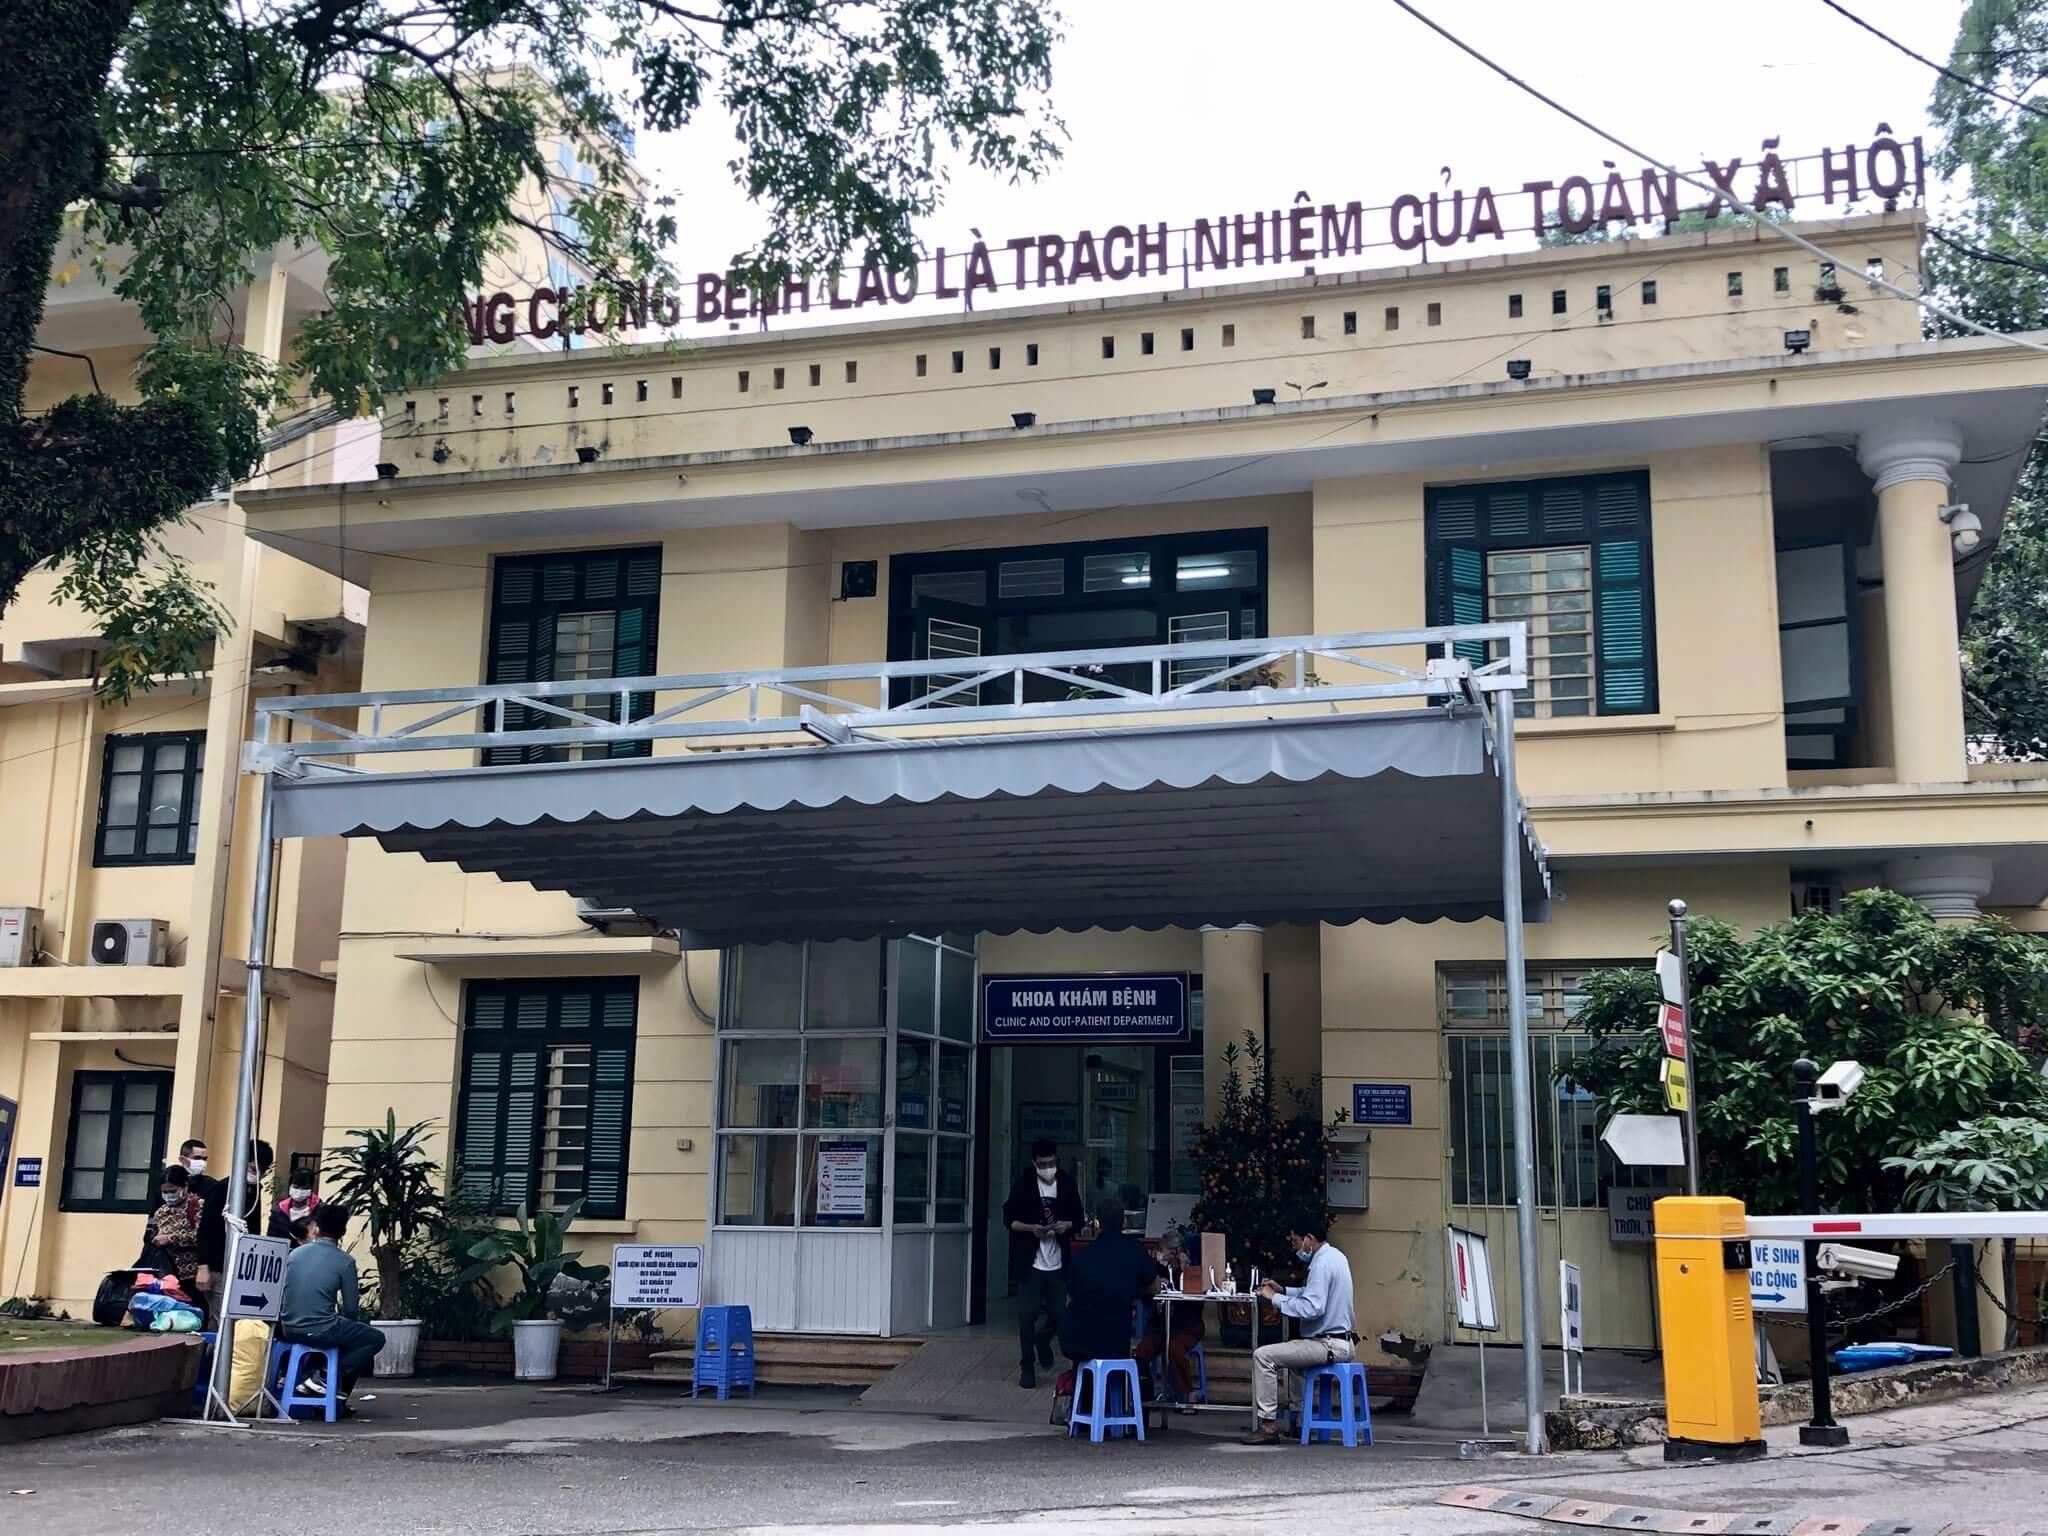 Hướng dẫn đi khám tại Khoa khám bệnh - Bệnh viện Phổi trung ương